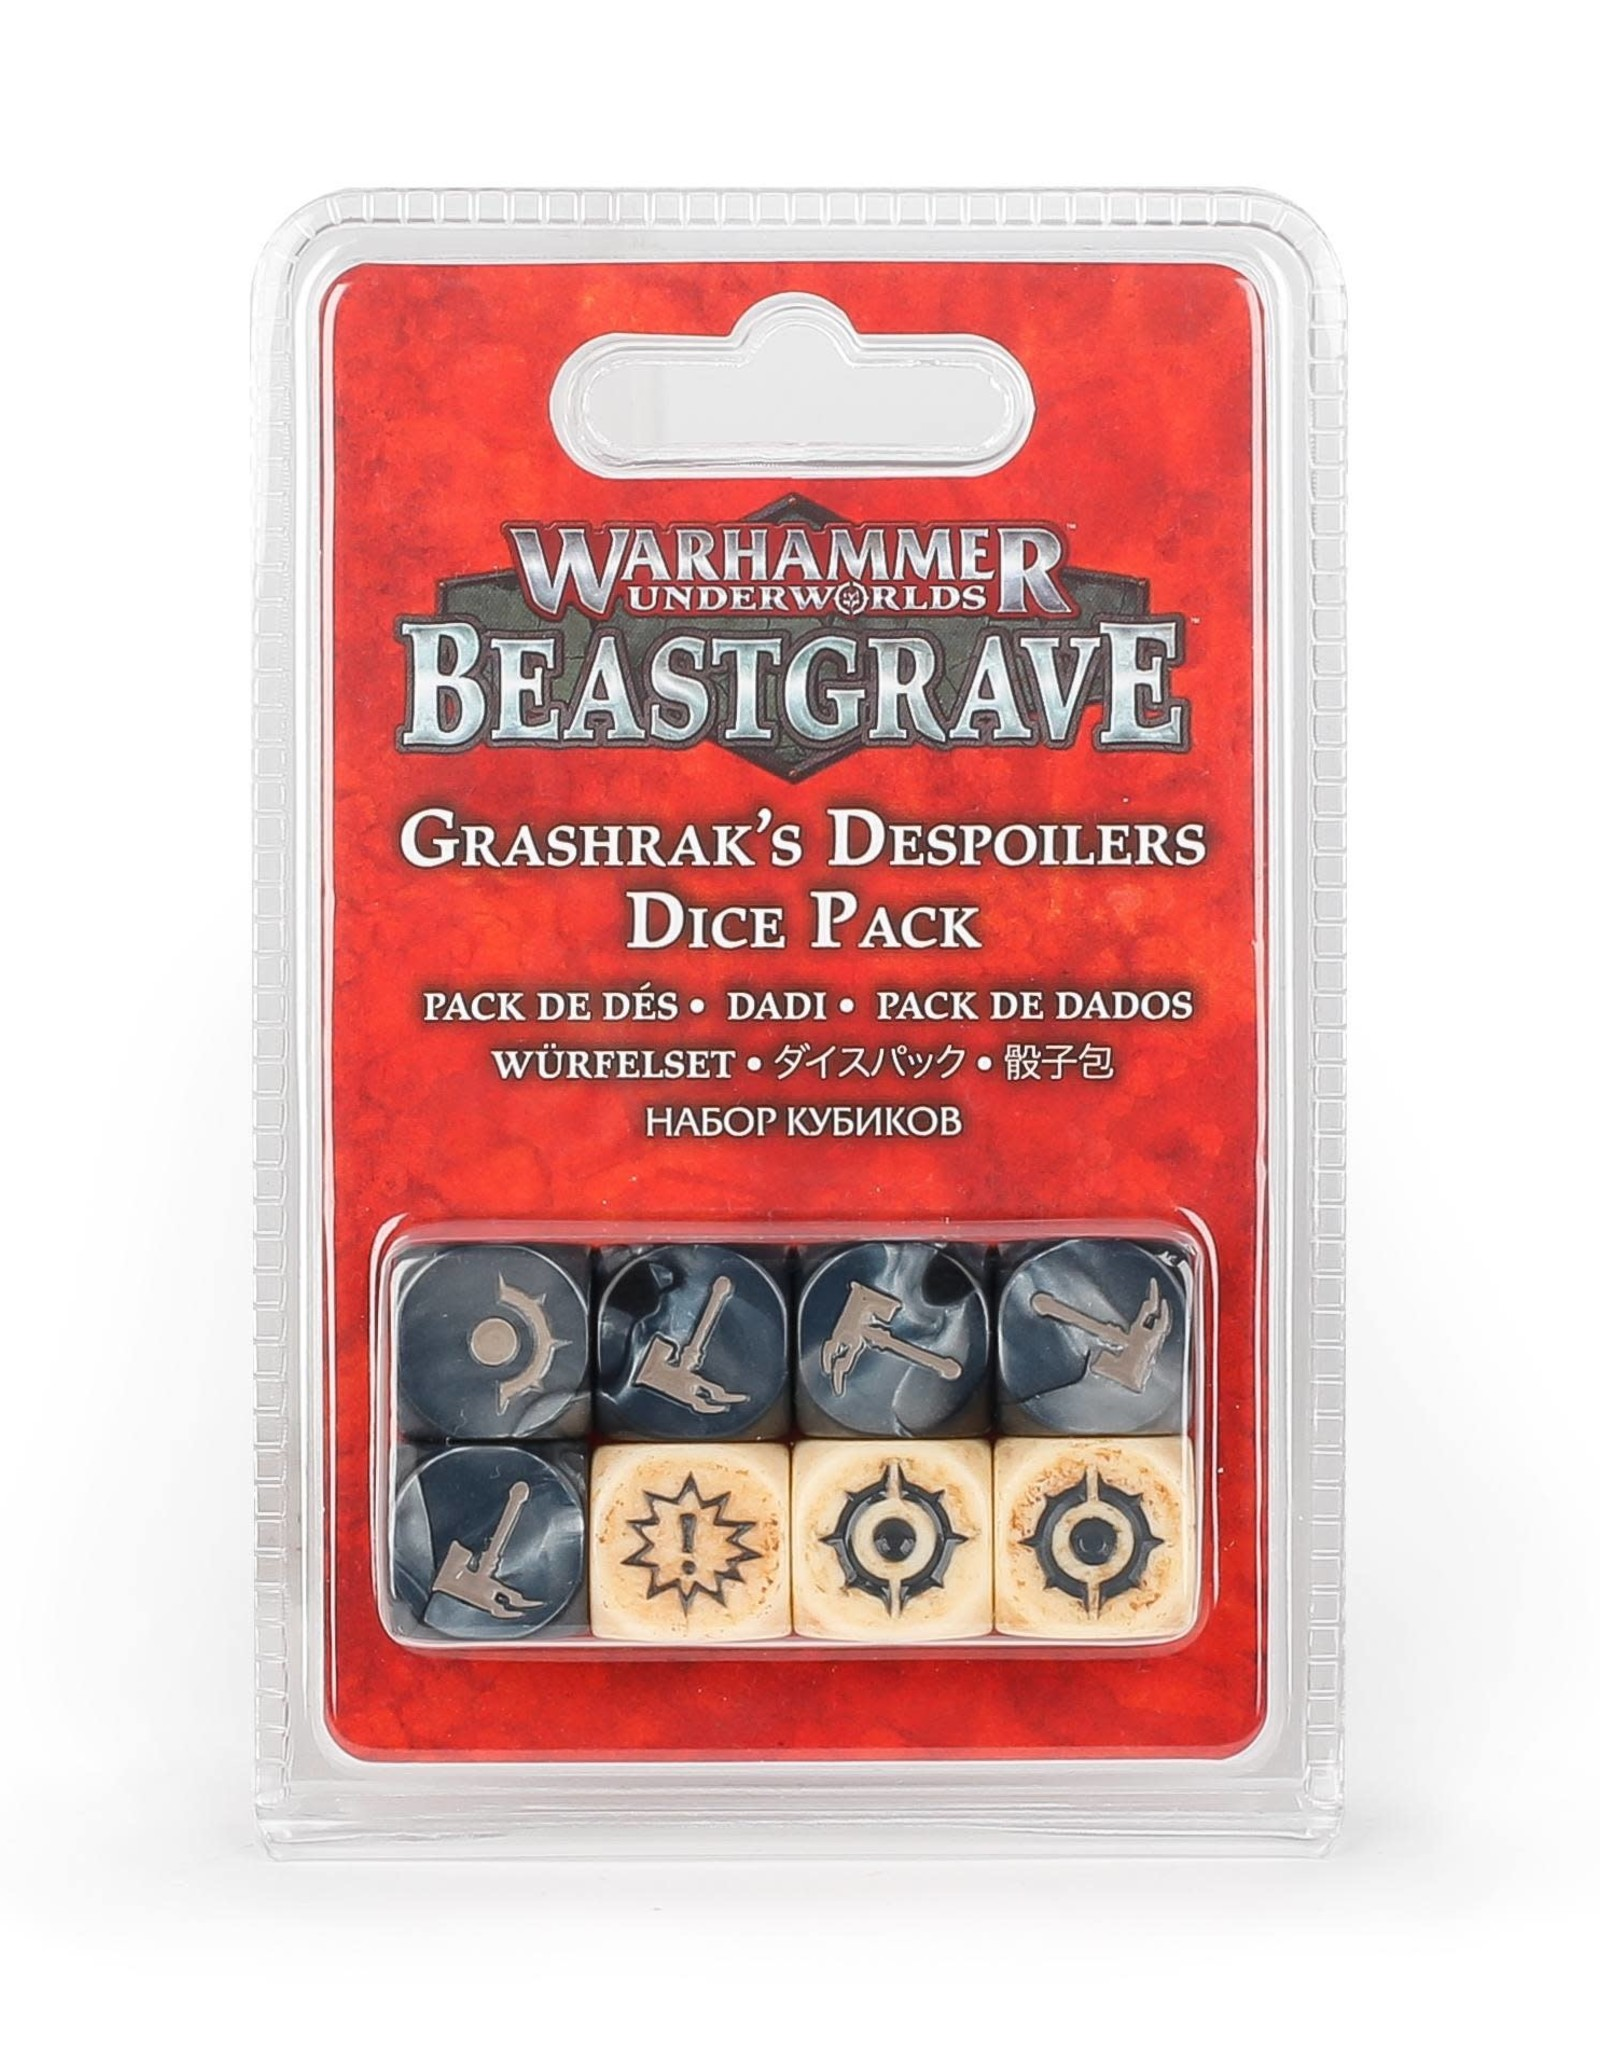 Warhammer Underworlds Warhammer Underworlds: Grashrak's Despoilers Dice Pack